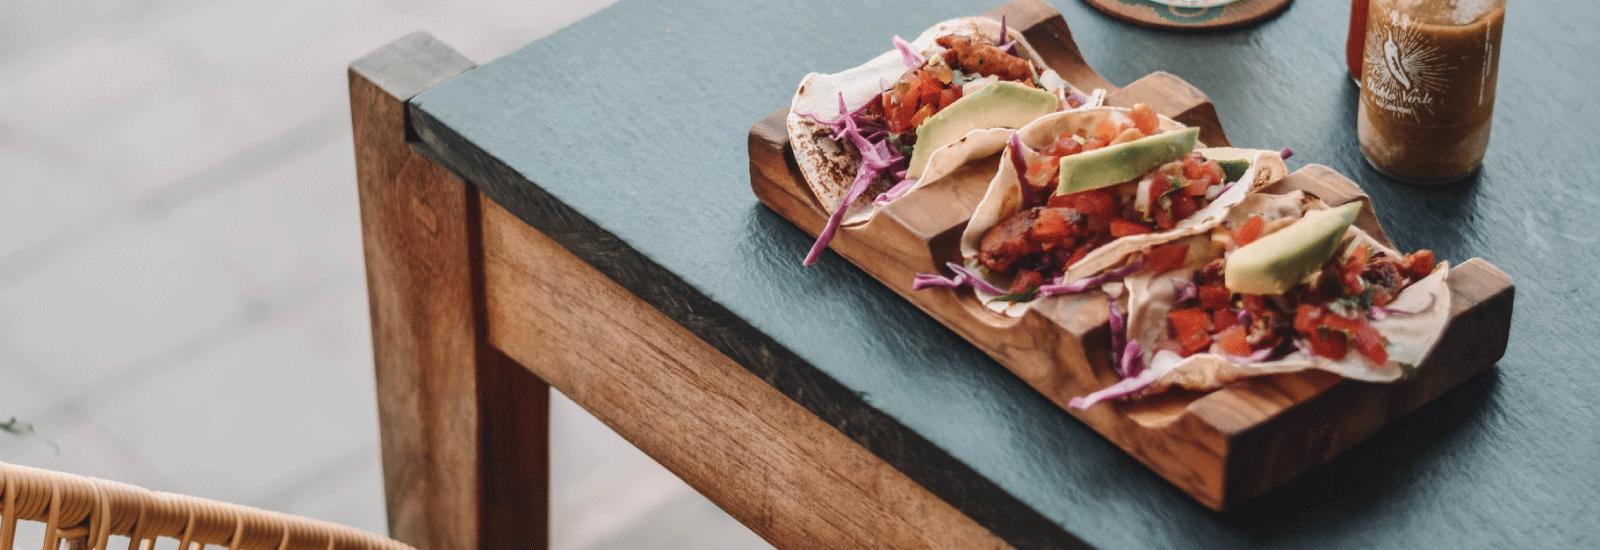 Yelp's Top Quantico, VA Mexican Restaurants